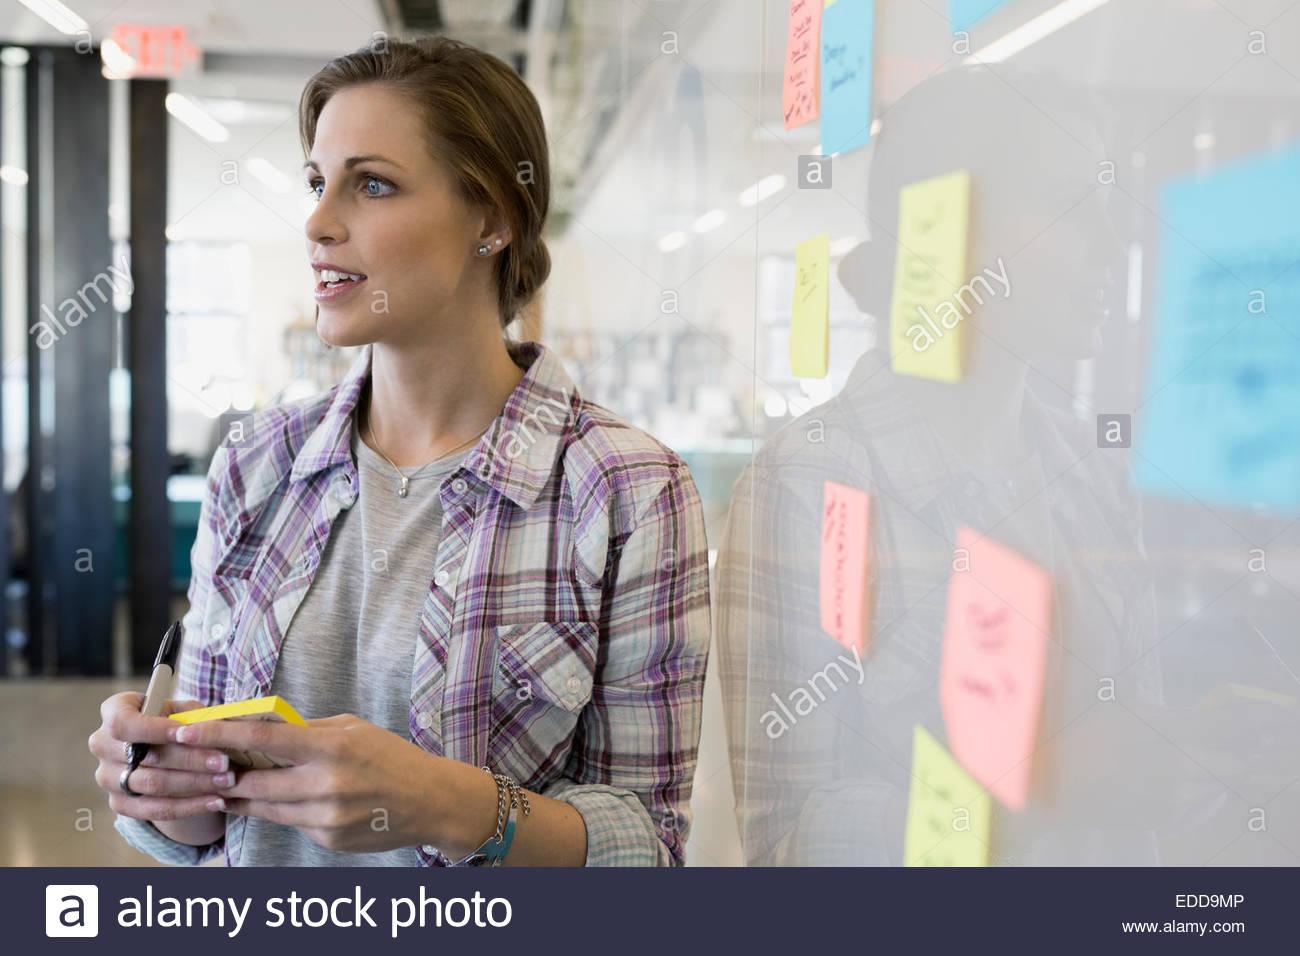 La empresaria escrito notas adhesivas en pizarra Imagen De Stock